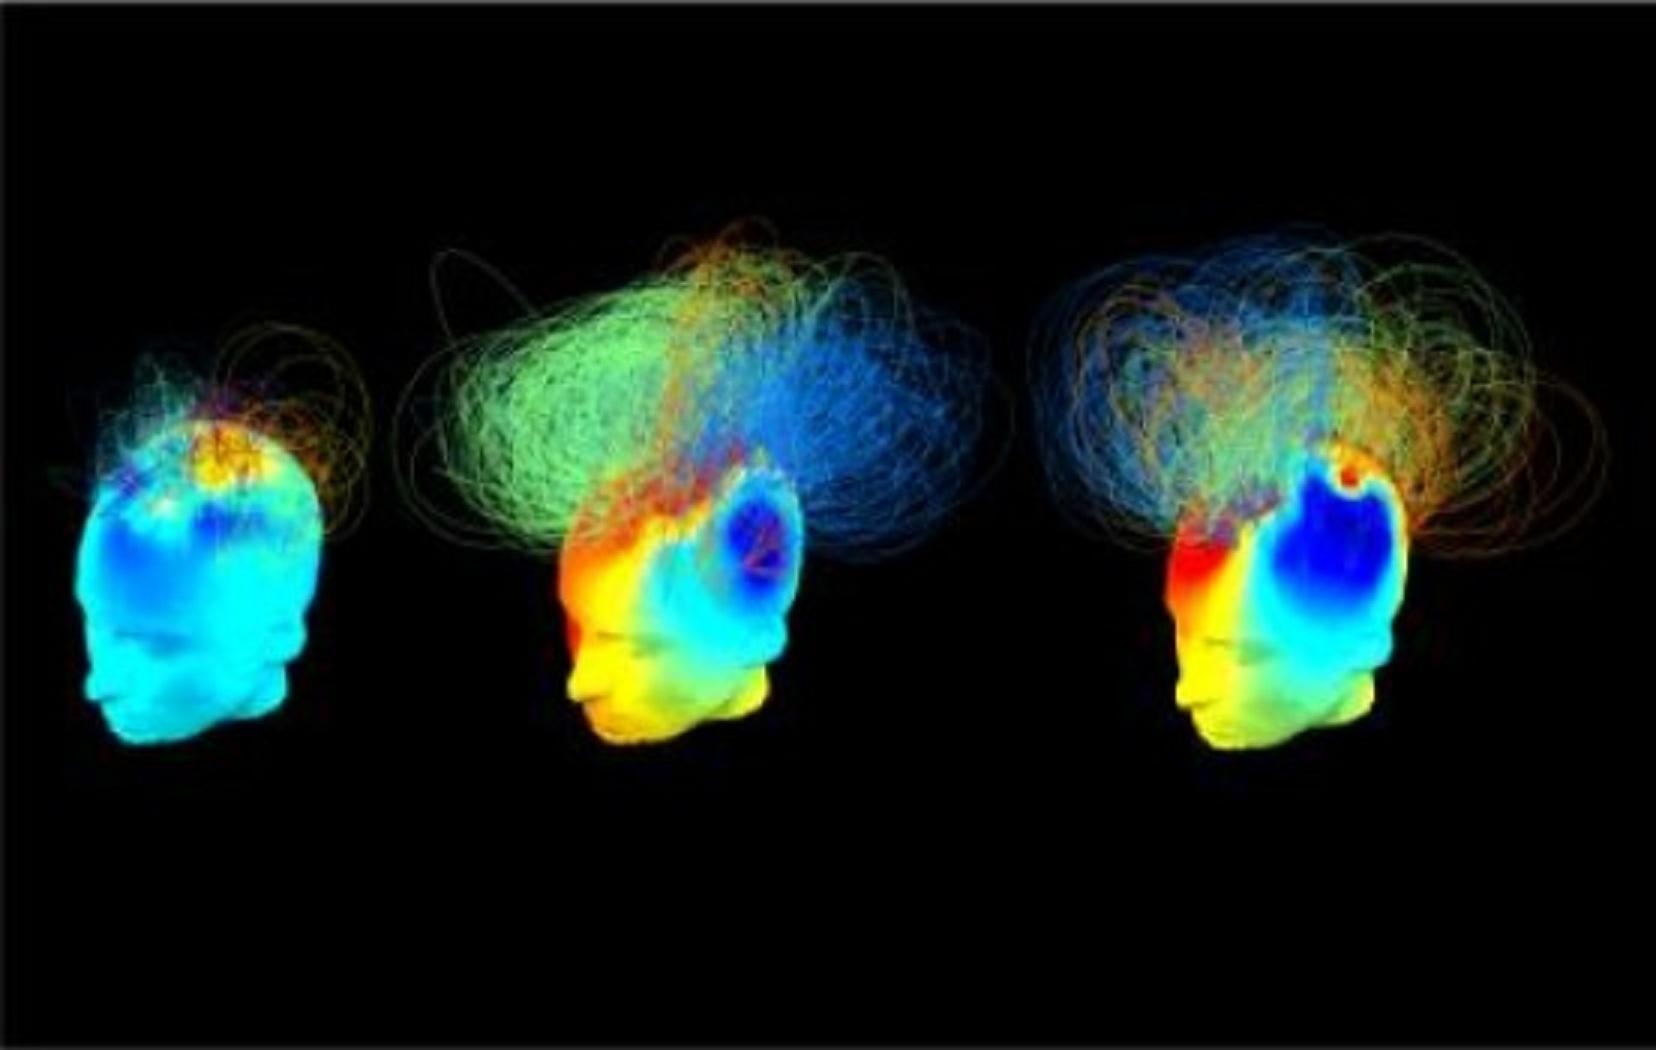 Redes cerebrales en dos pacientes en estado vegetativo (izquierda y centro) conductualmente iguales. Sin embargo, la actividad neuronal del paciente del centro cuando se le ordenó que se imaginara jugando al tenis es similar a la de la persona de la derecha (un adulto sano). Imagen: Srivas Chennu. Fuente: Universidad de Cambridge.